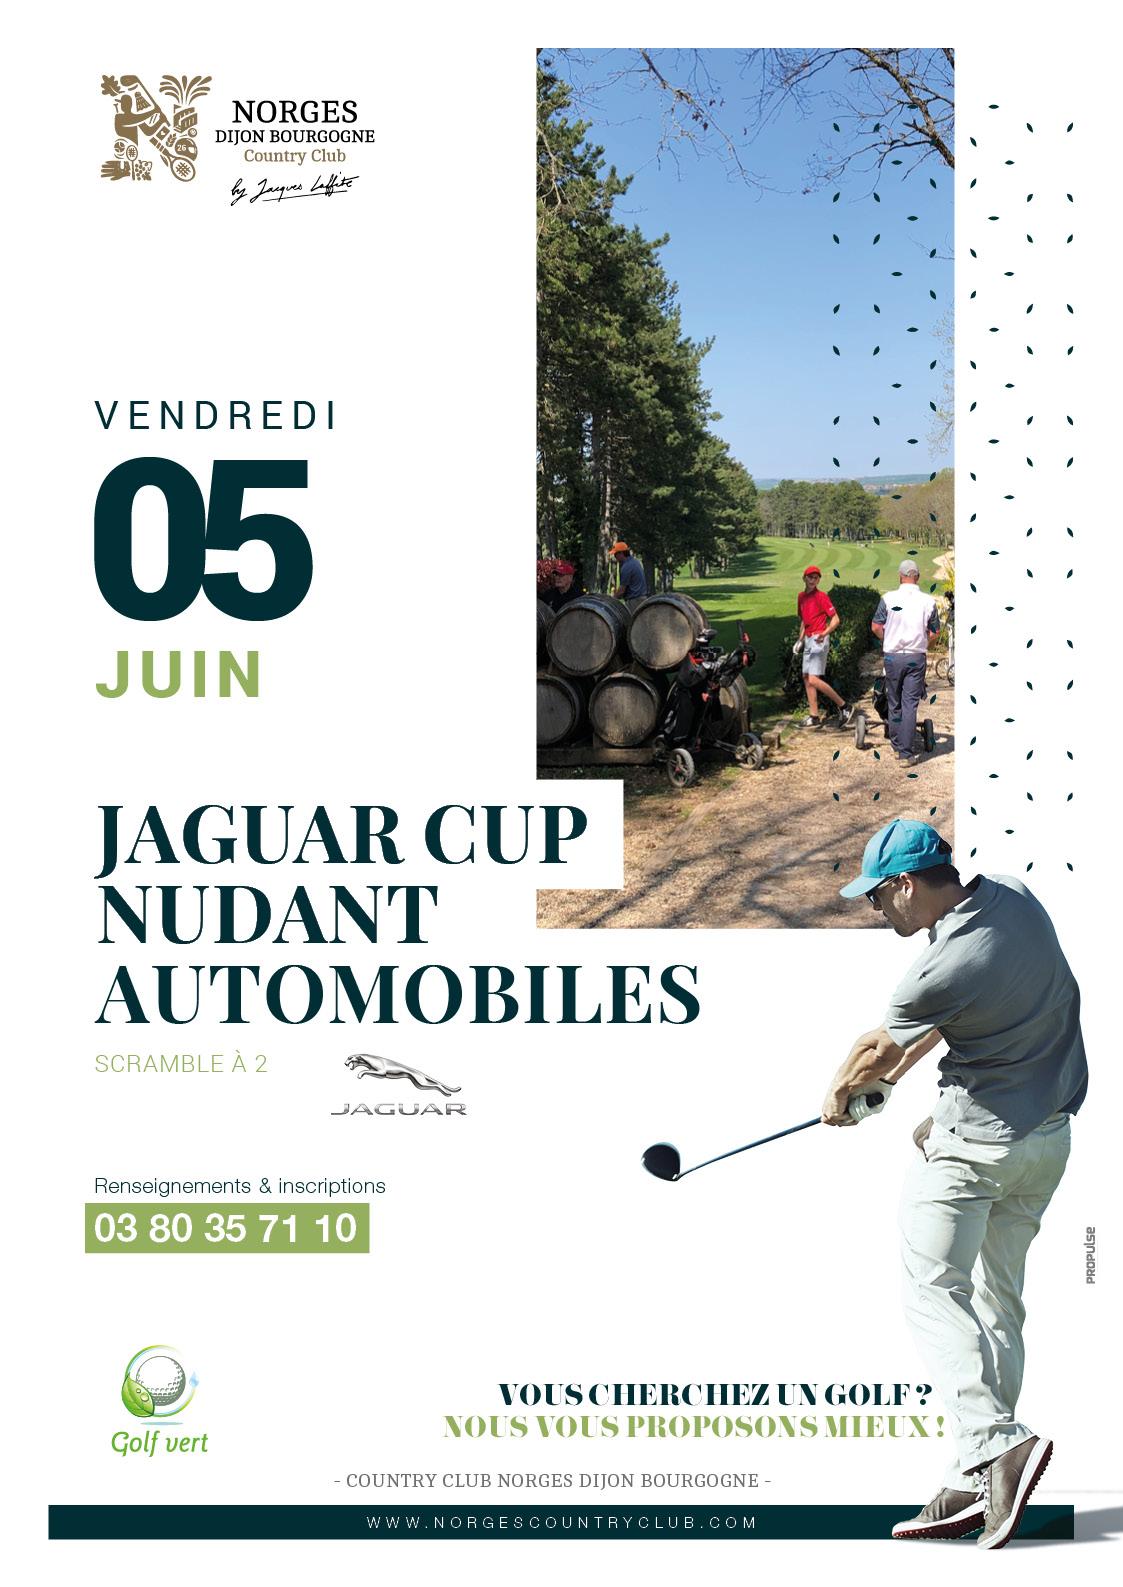 Jaguar Cup Nudant Automobiles